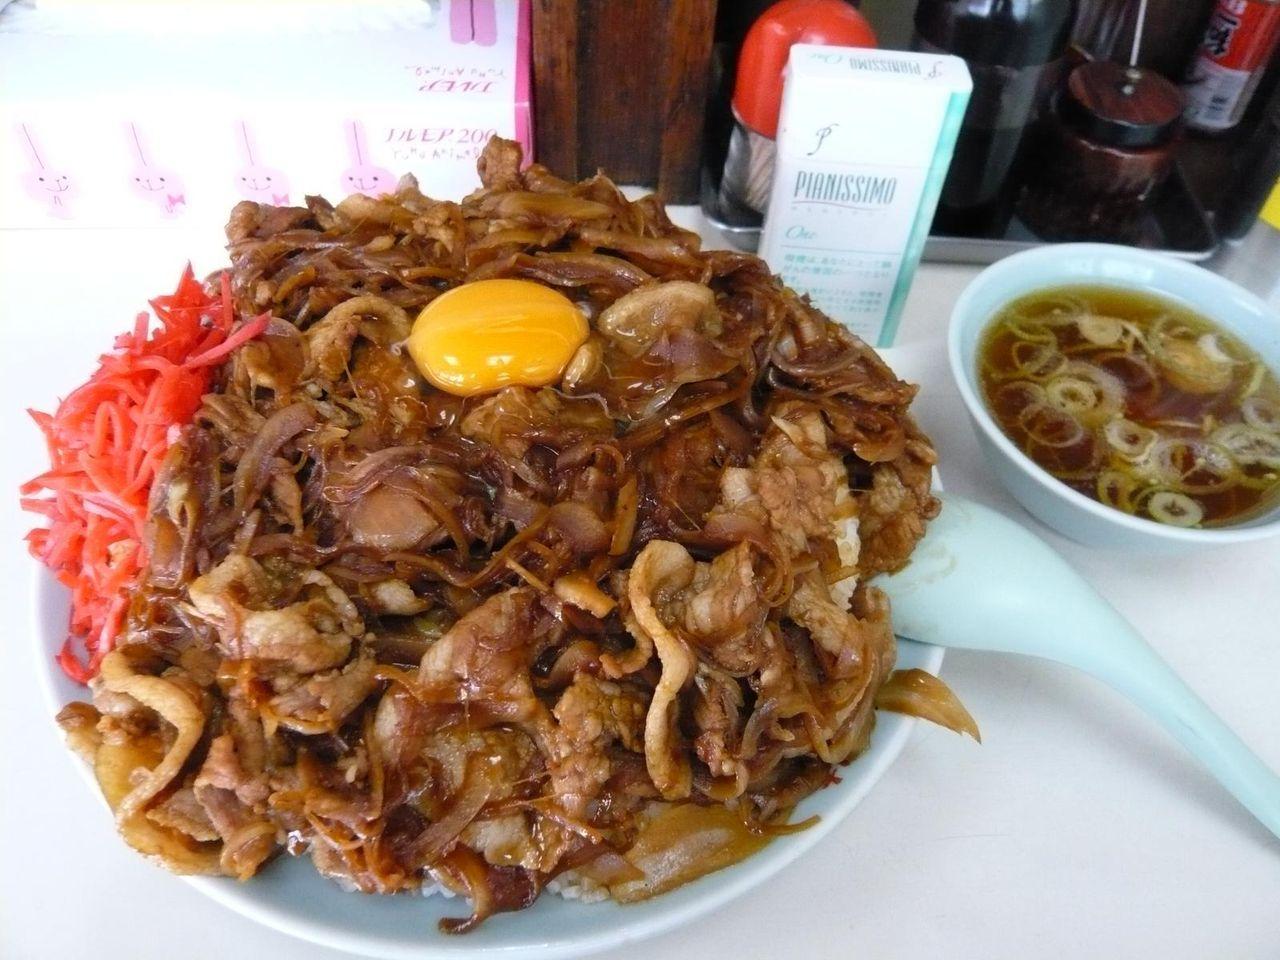 中華料理「暁」の焼肉丼大盛900円